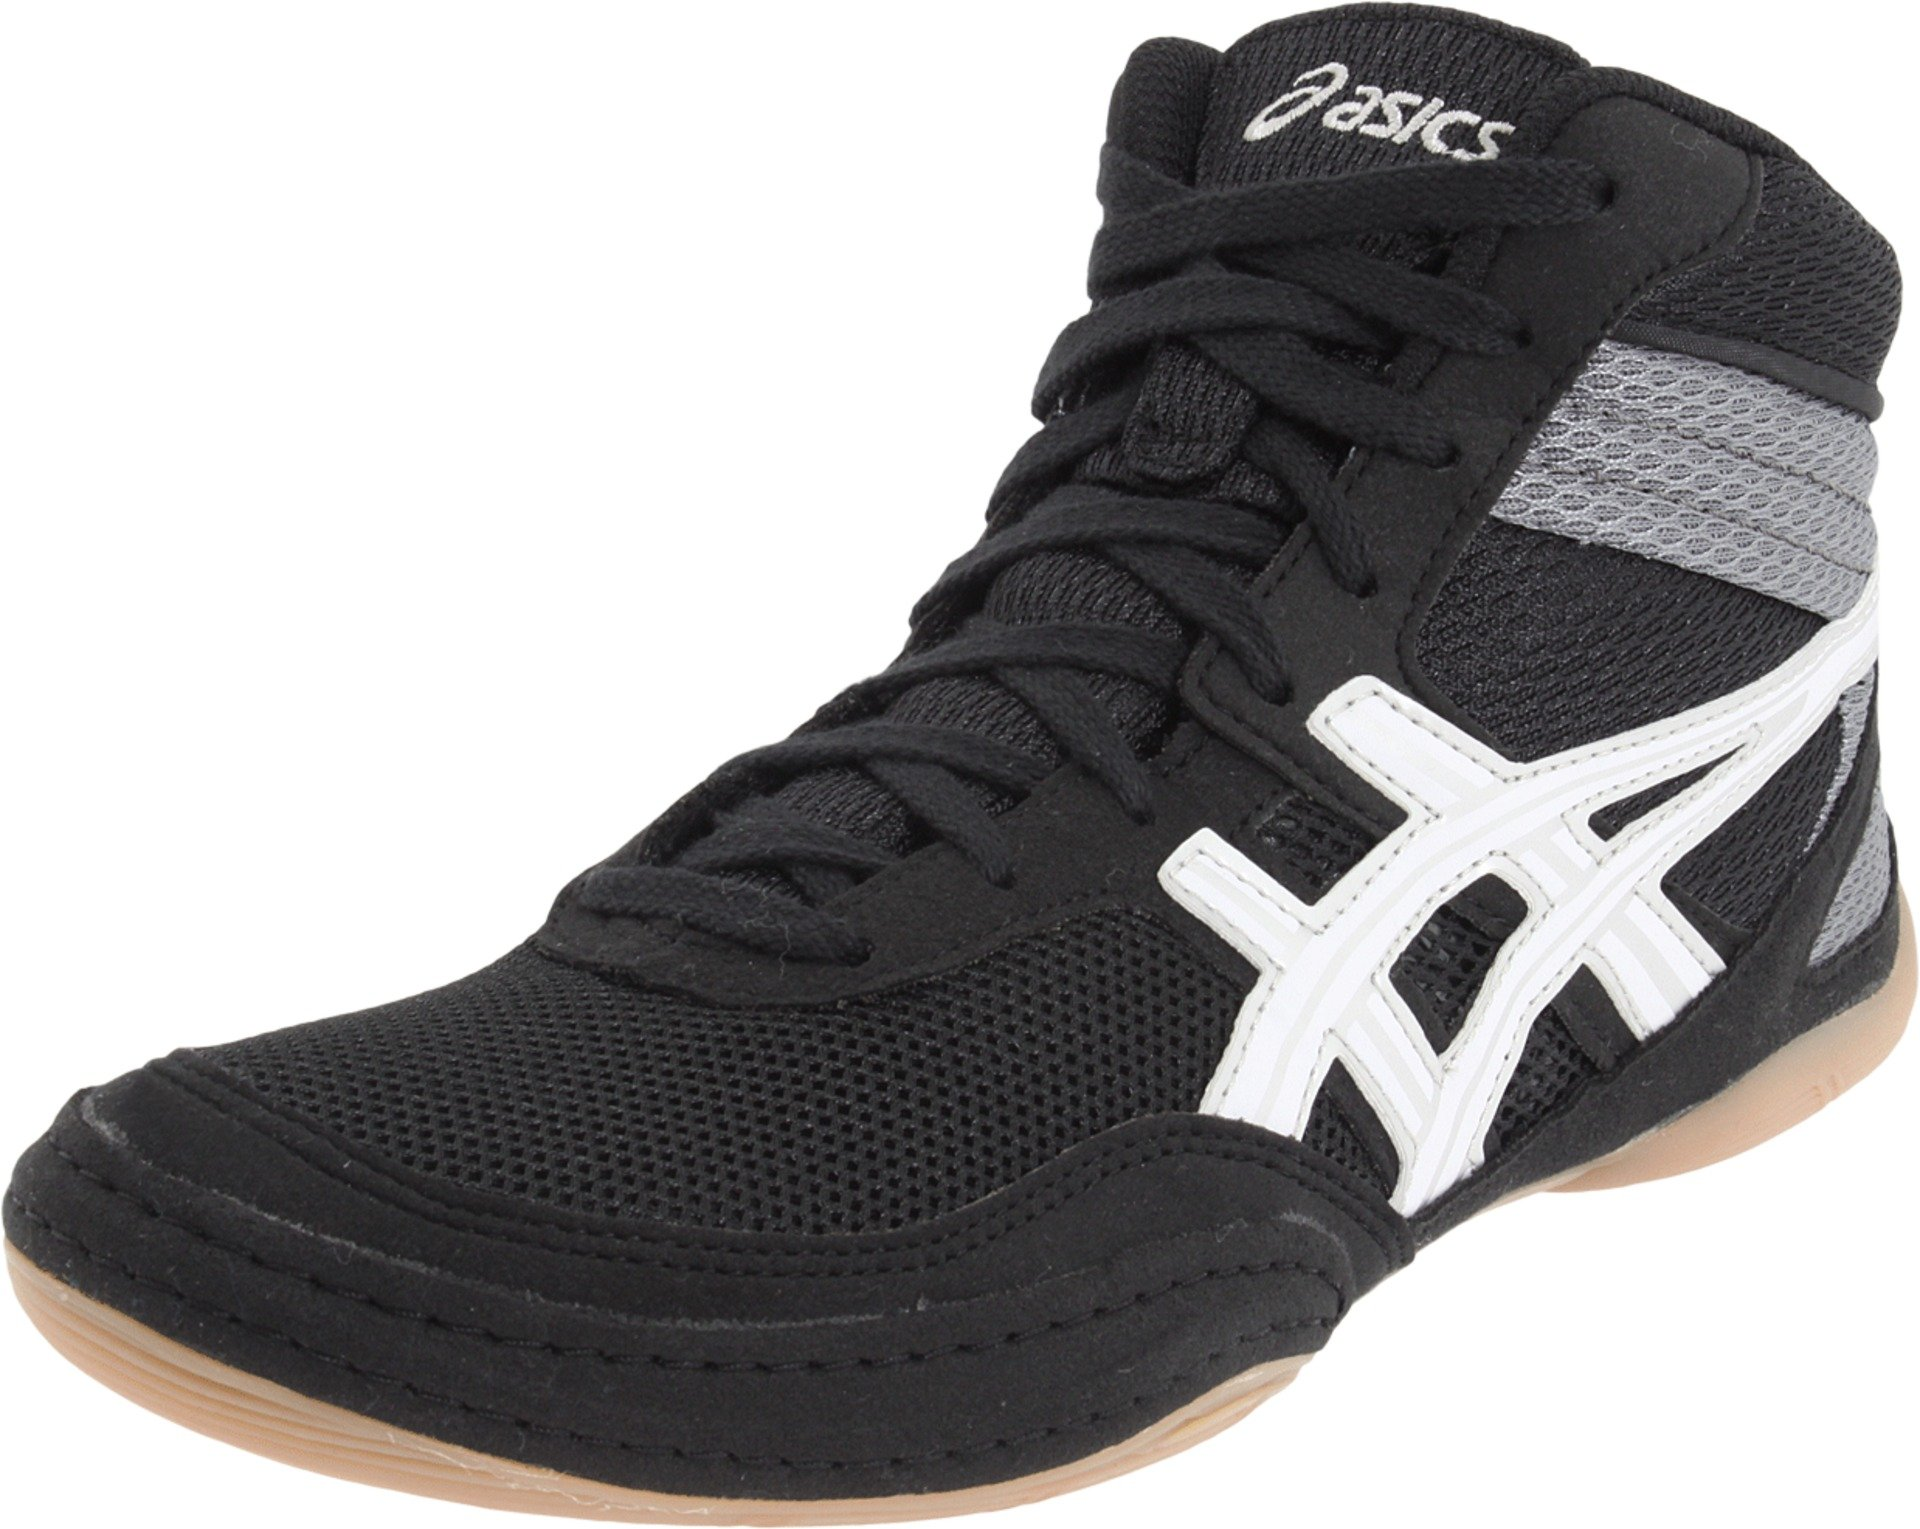 ASICS Men's Matflex 3 Wrestling Shoe,Black/White,9.5 M US by ASICS